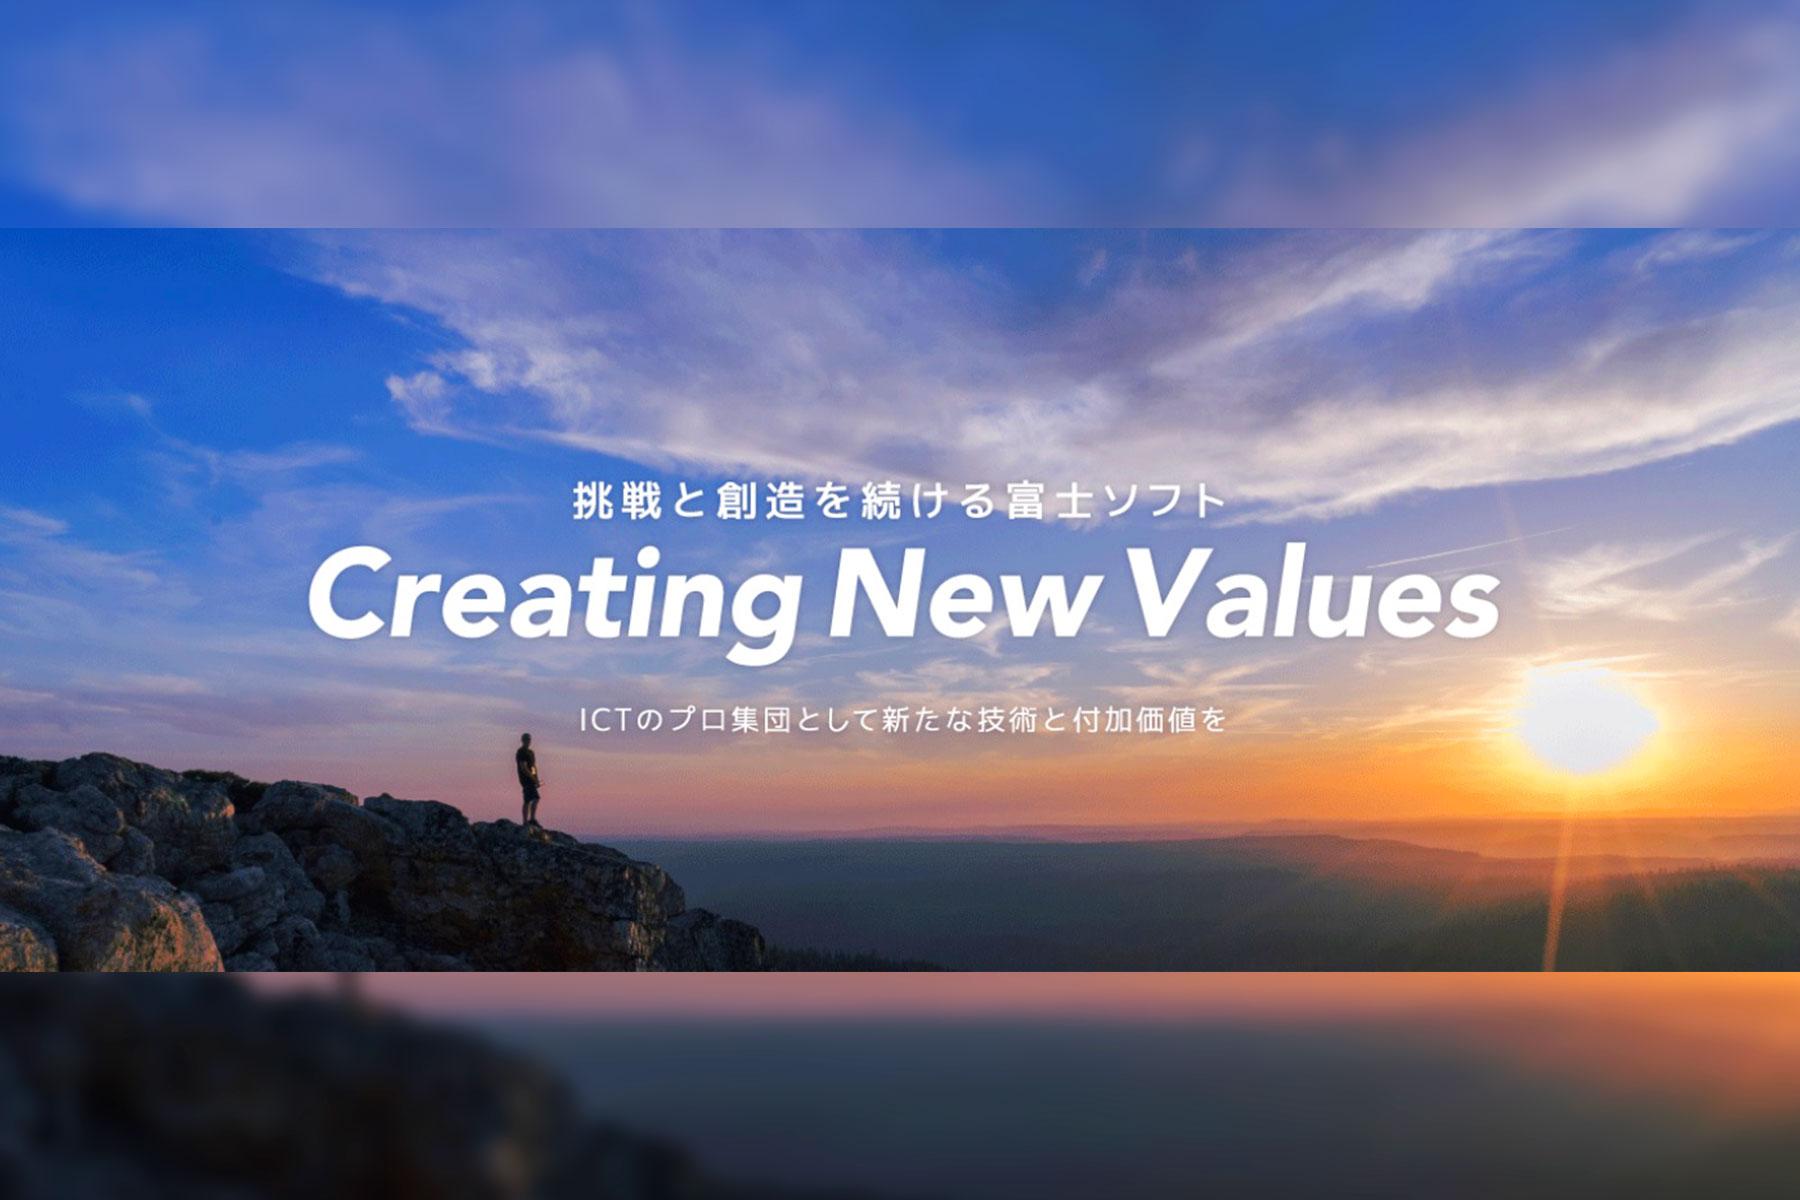 富士ソフト株式会社のトップ画像